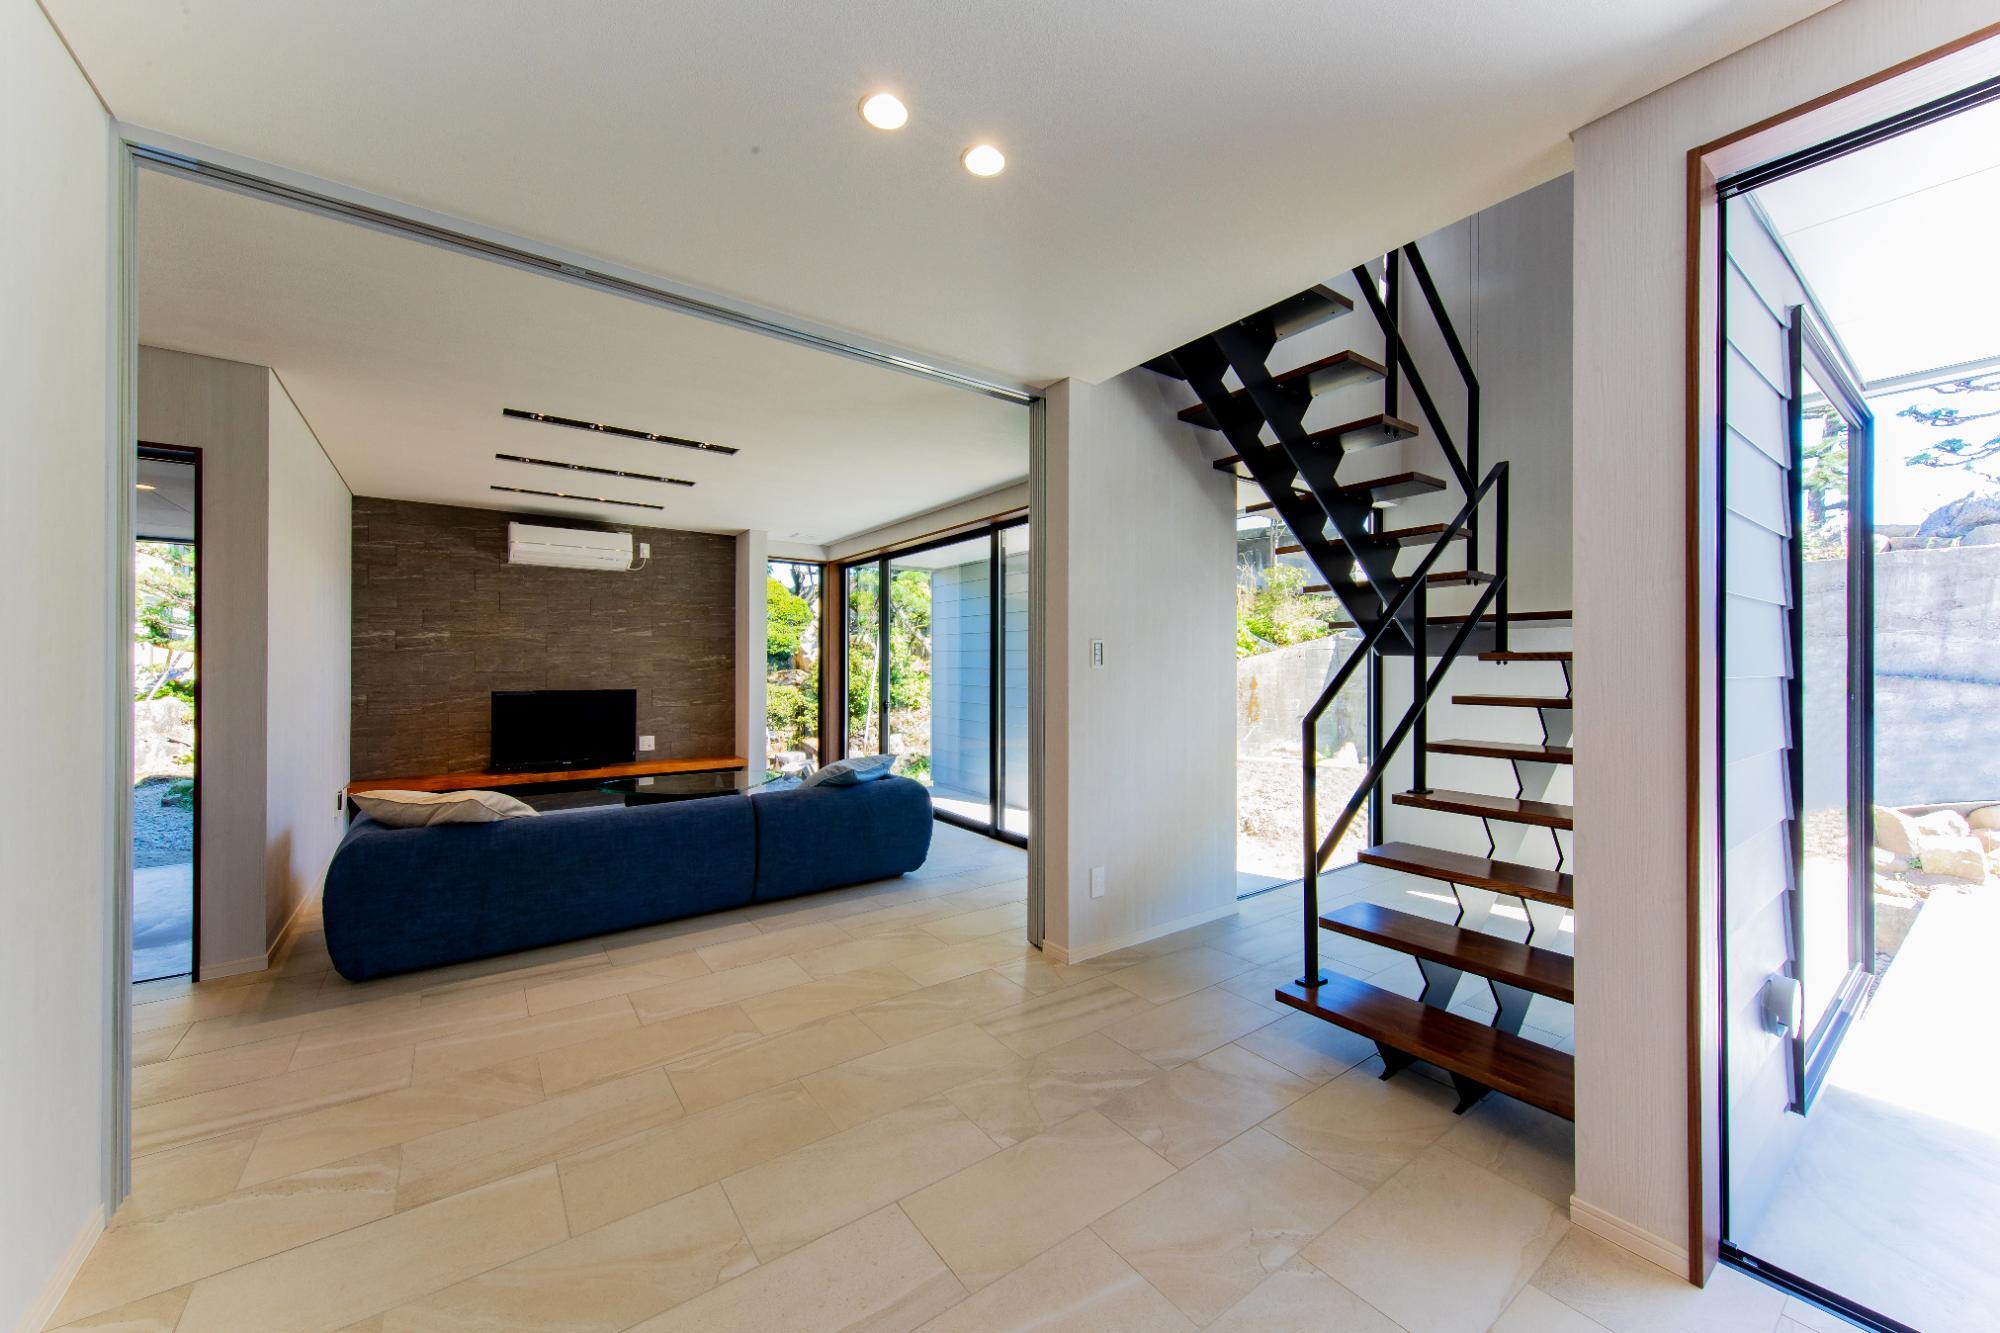 一級建築士事務所 株式会社山内組 archi labo「住み継げる住まいの提案 archi laboコンセプトハウス」のリビング・ダイニングの実例写真